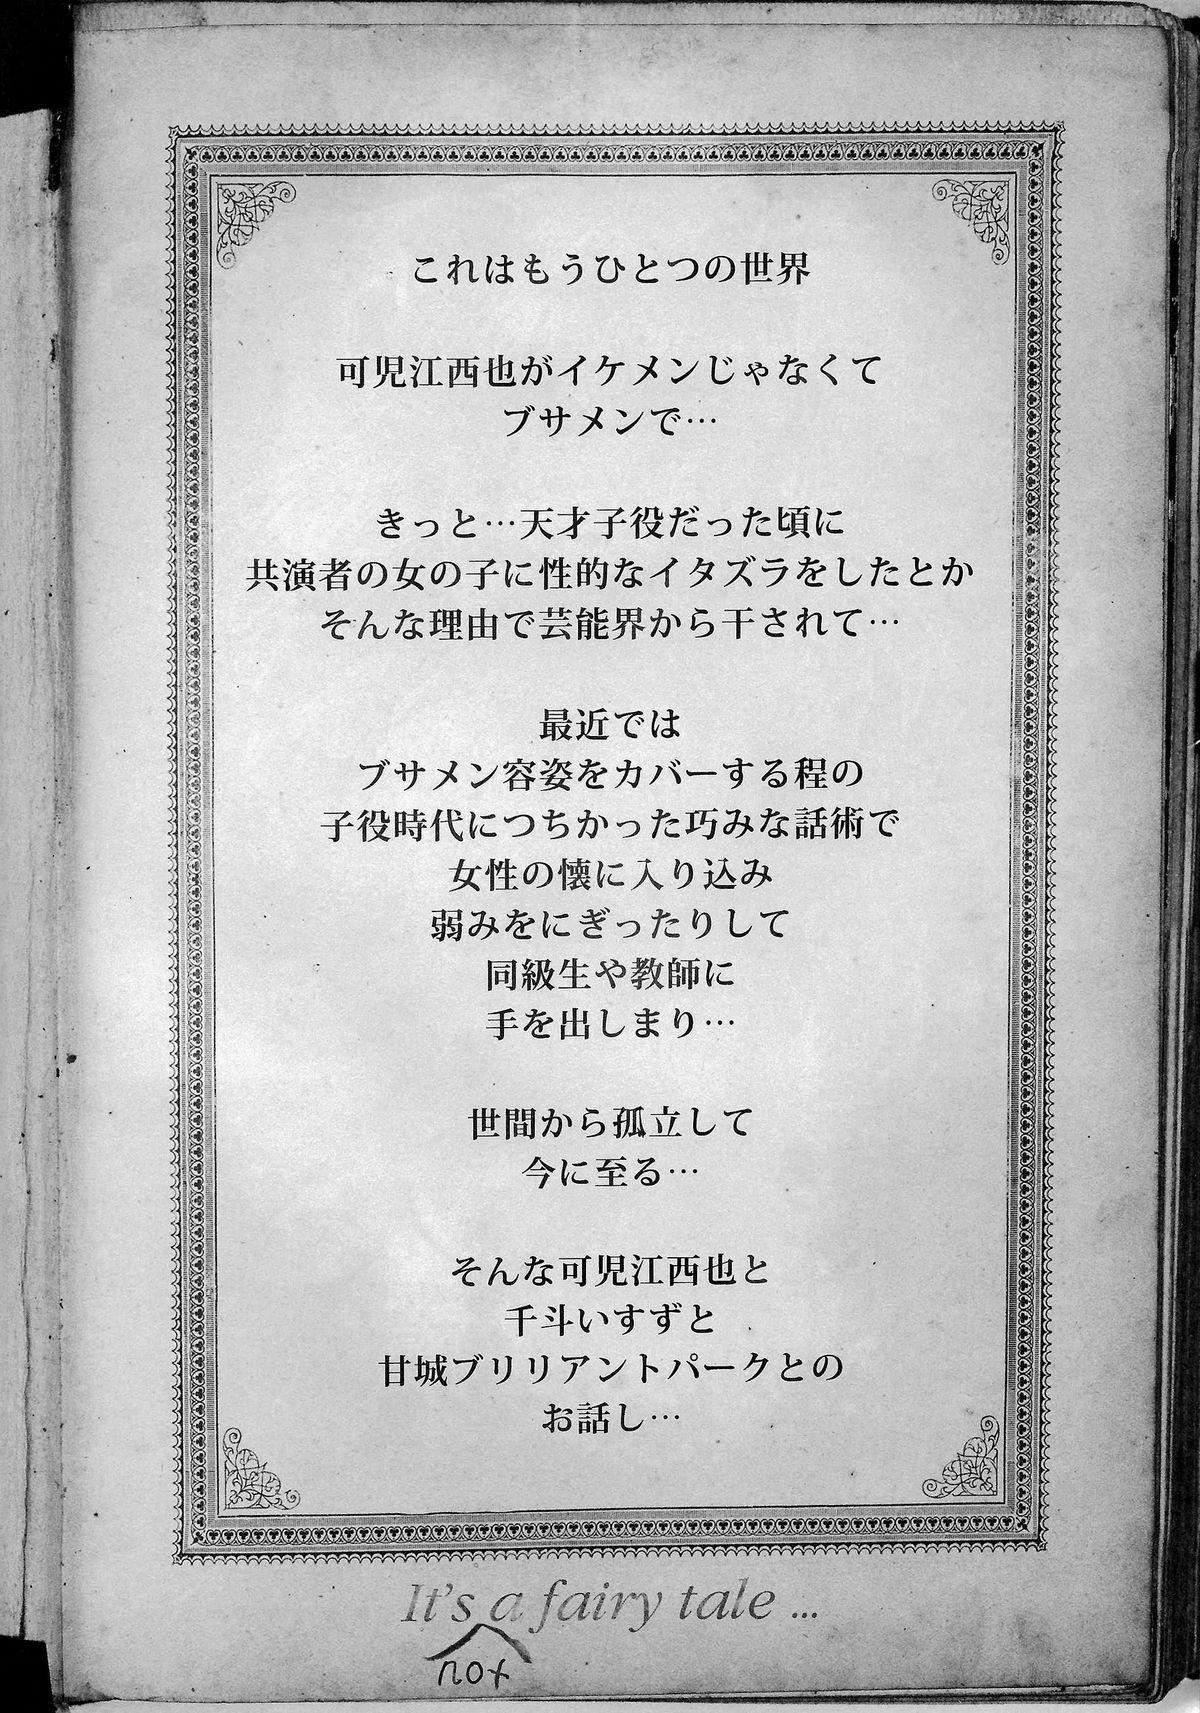 (C87) [viento campanilla (Suzuhane Suzu)] Sento Isuzu no Junan -Kanie Seiya ga Dosukebe Kimomen datta Sekai- | The Suffering of Sento Isuzu -The Universe Where Kanie Seiya was a Repulsive Lecher- (Amagi Brilliant Park) [English] [Doujin-Moe] 2